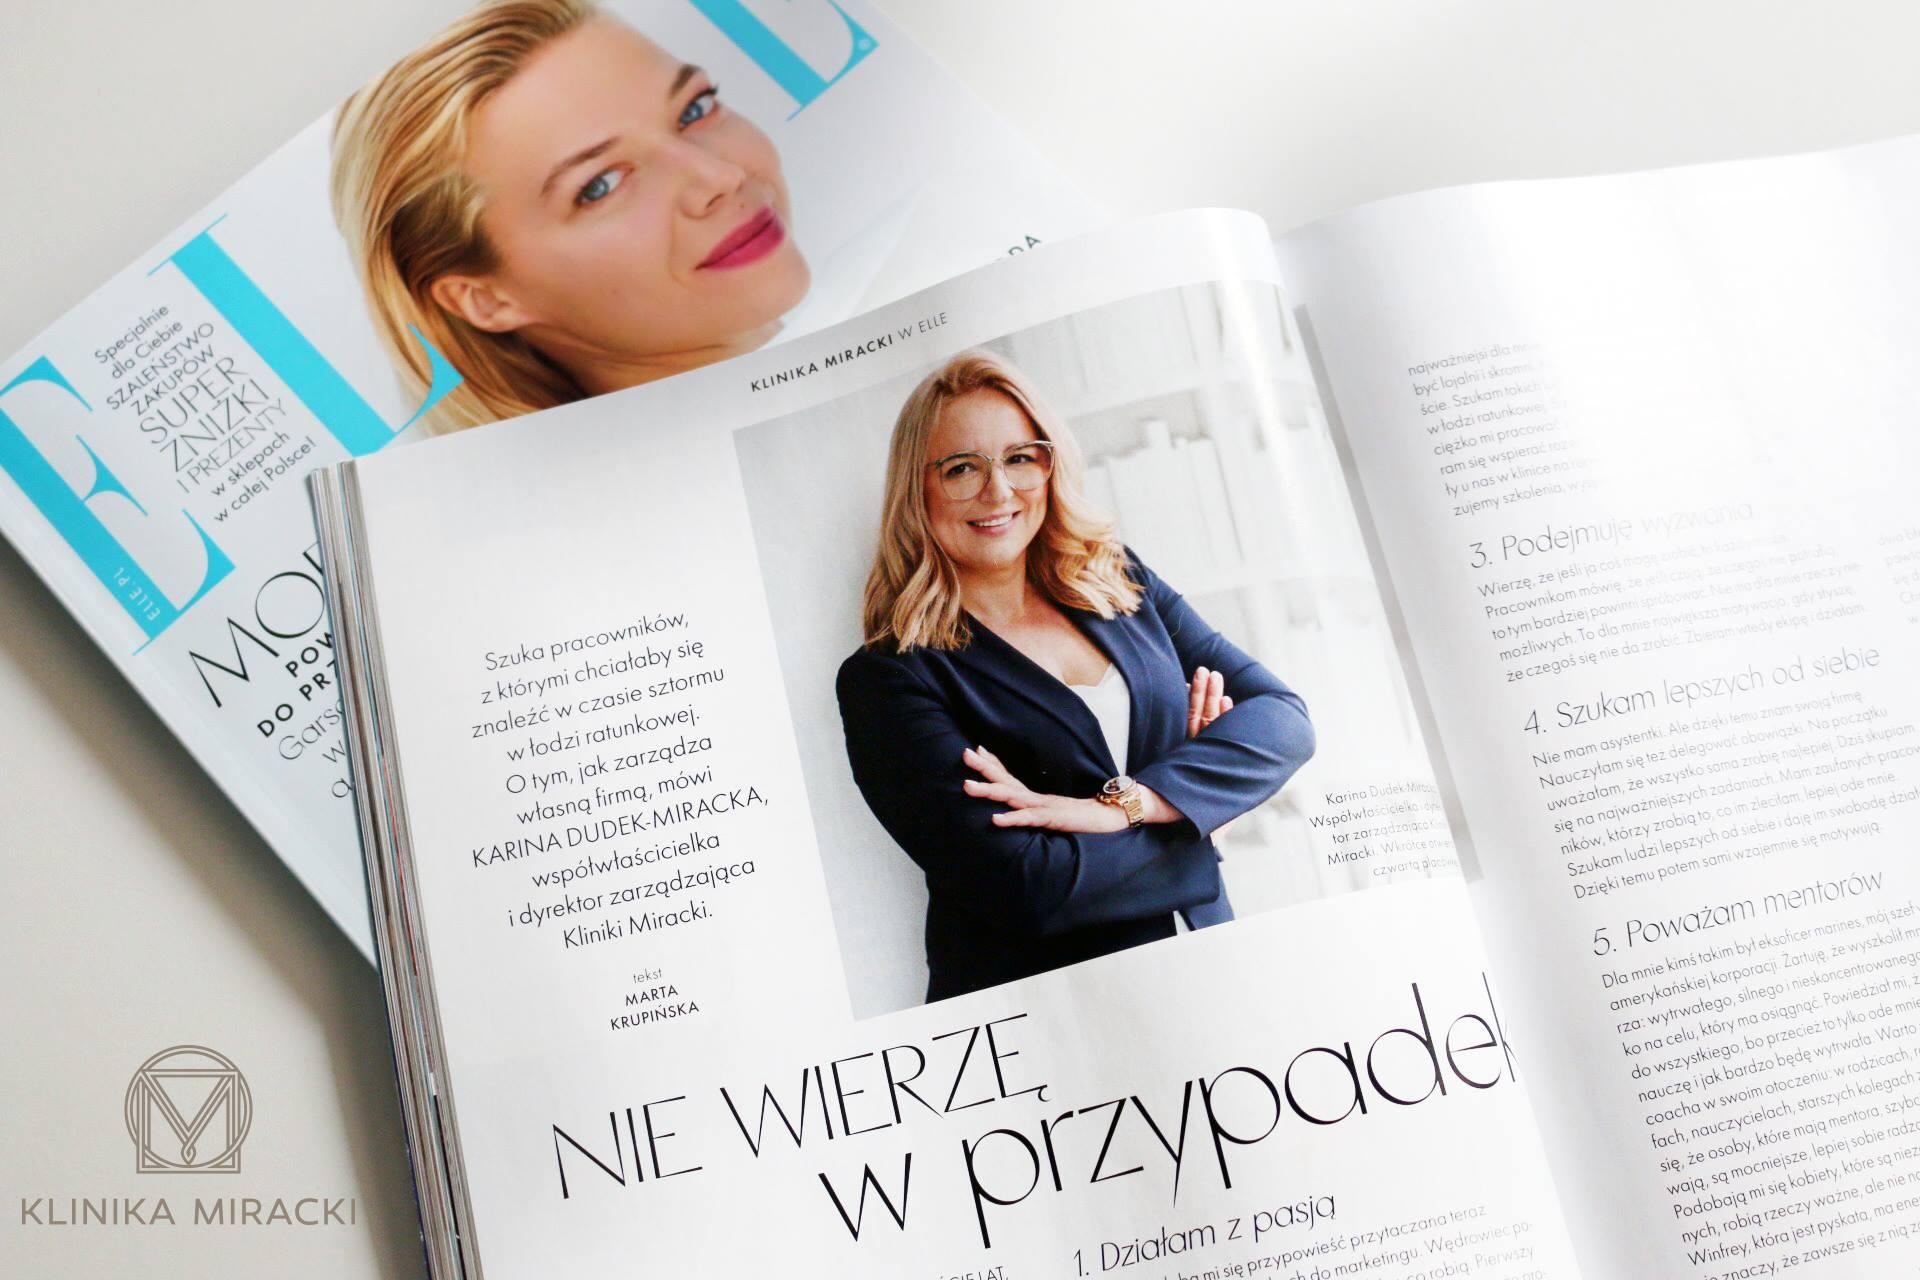 """""""Nie wierzę w przypadek"""" – wywiad z Panią Kariną-Dudek Miracką, naszą szefową, właścicielką Kliniki Miracki w październikowym wydaniu Elle"""